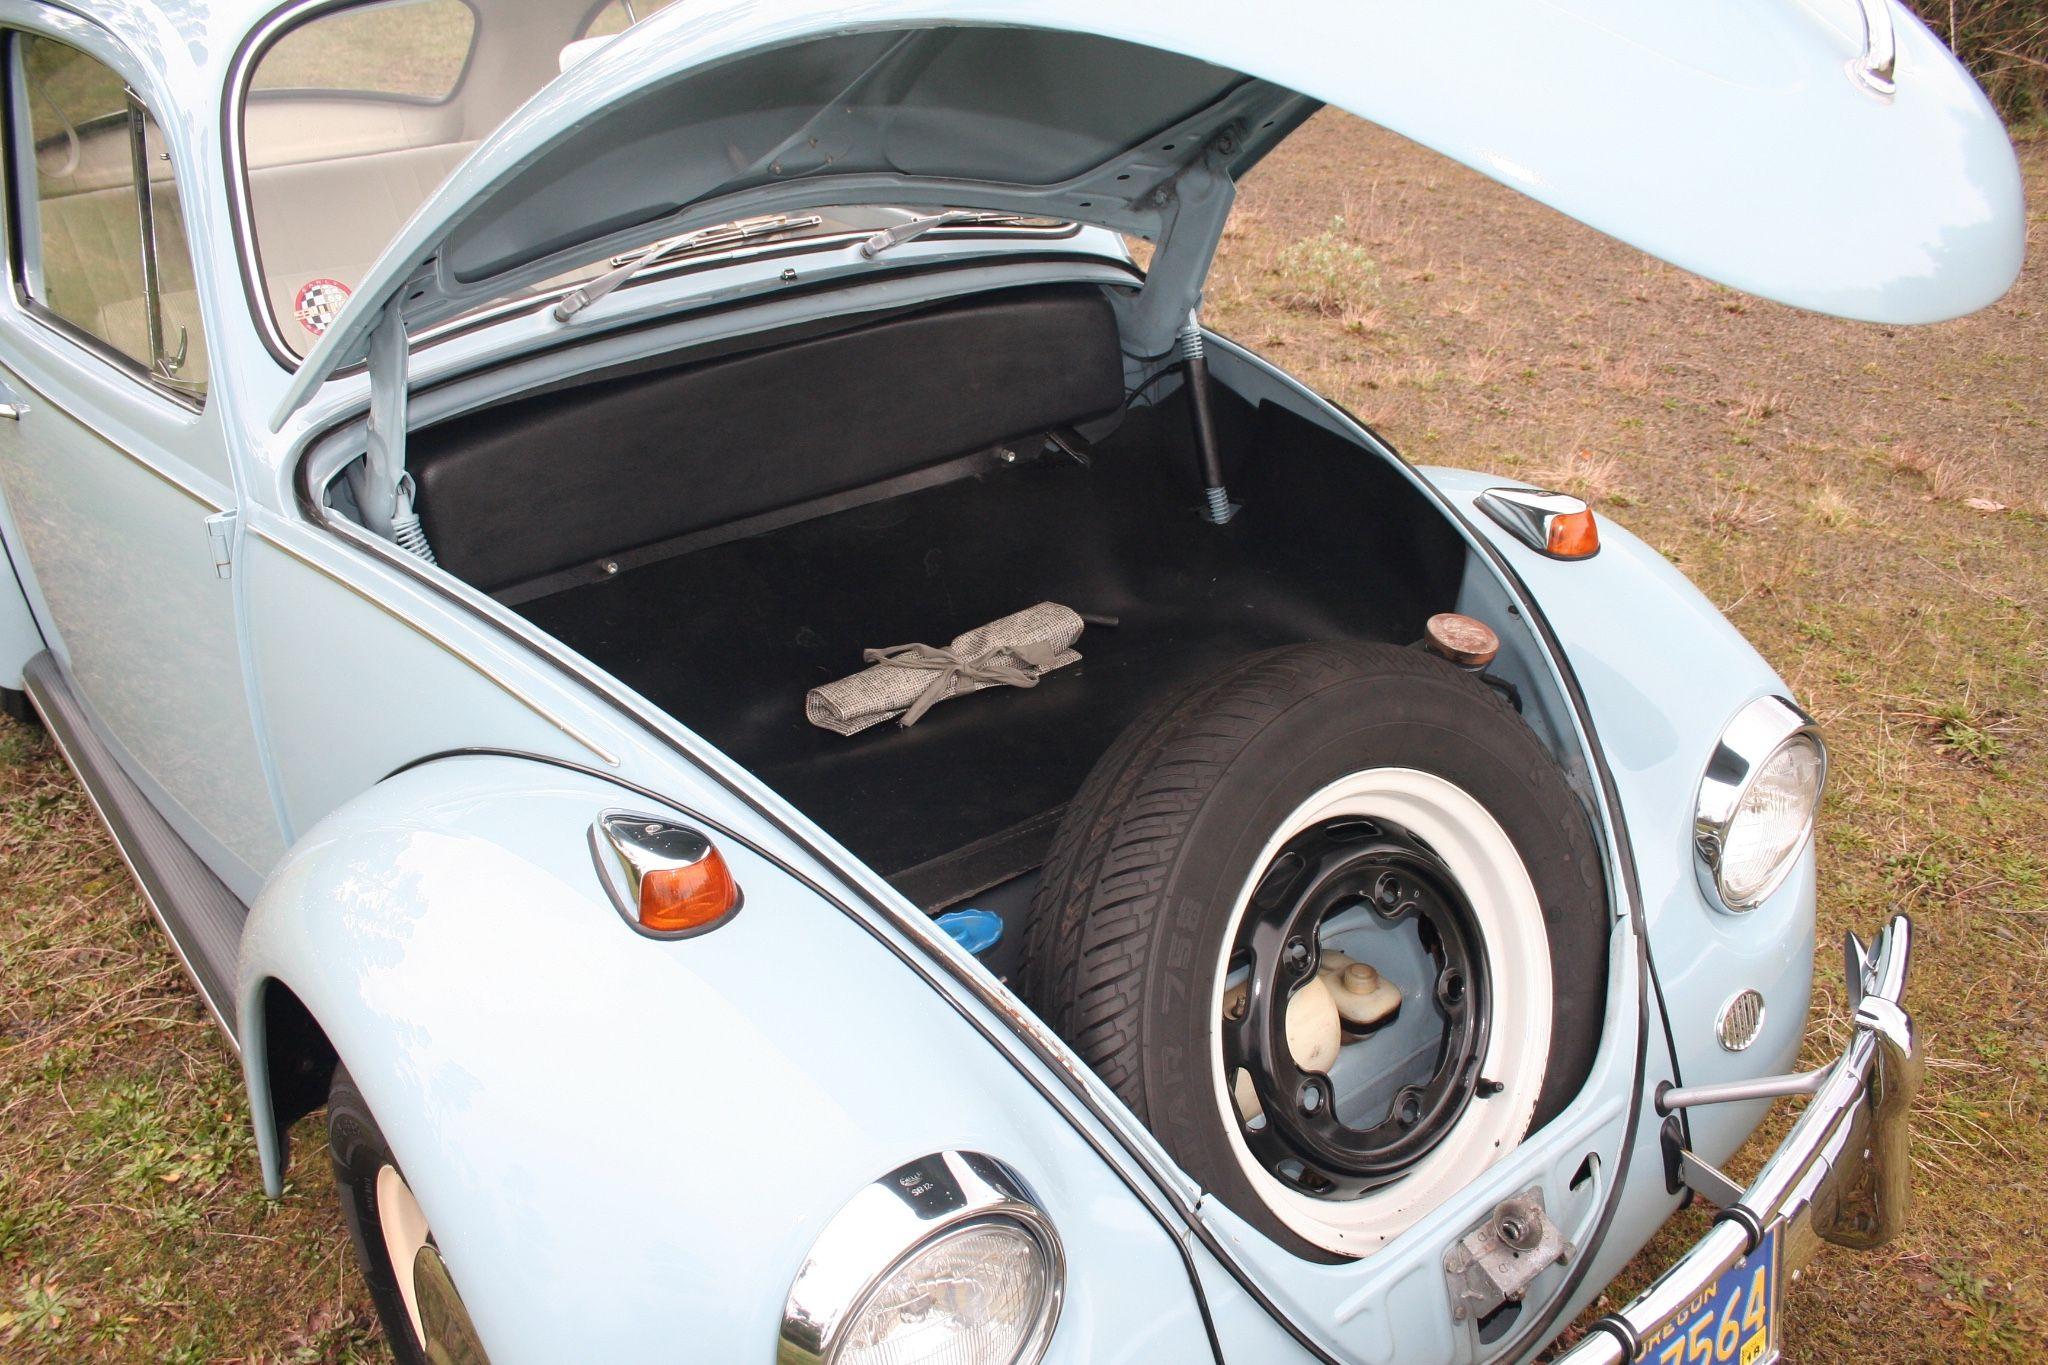 1967 volkswagen beetle volkswagen pinterest beetles rh pinterest com